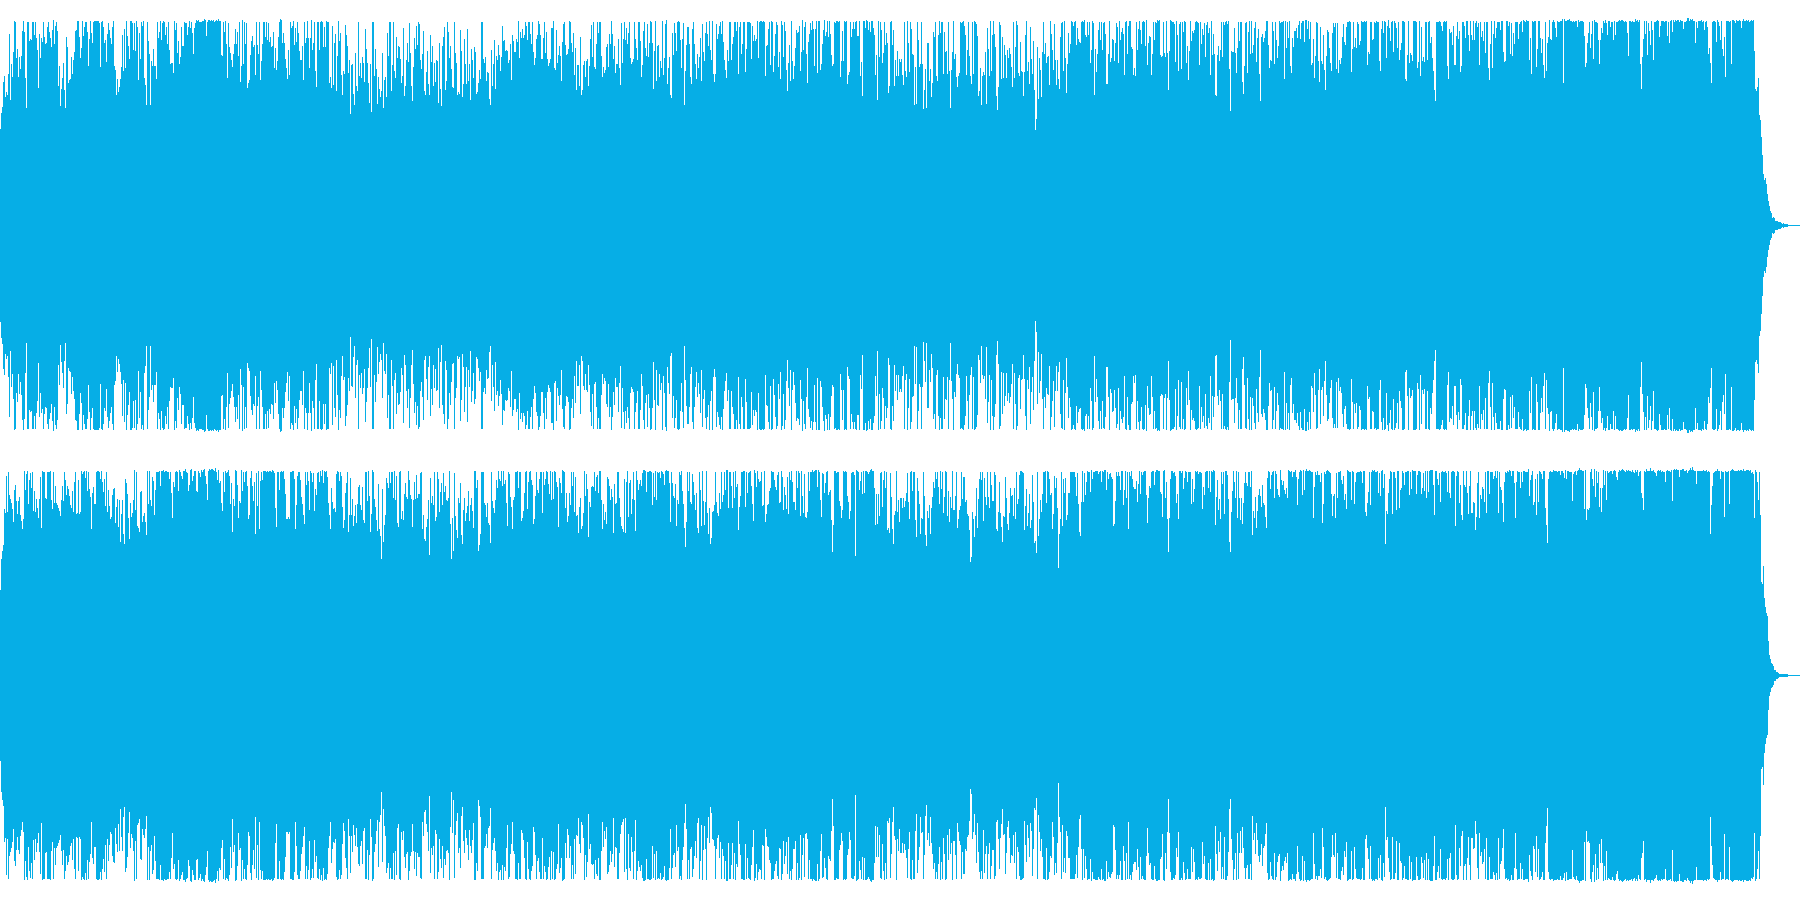 戦地へ向かうイメージのオーケストラBGMの再生済みの波形